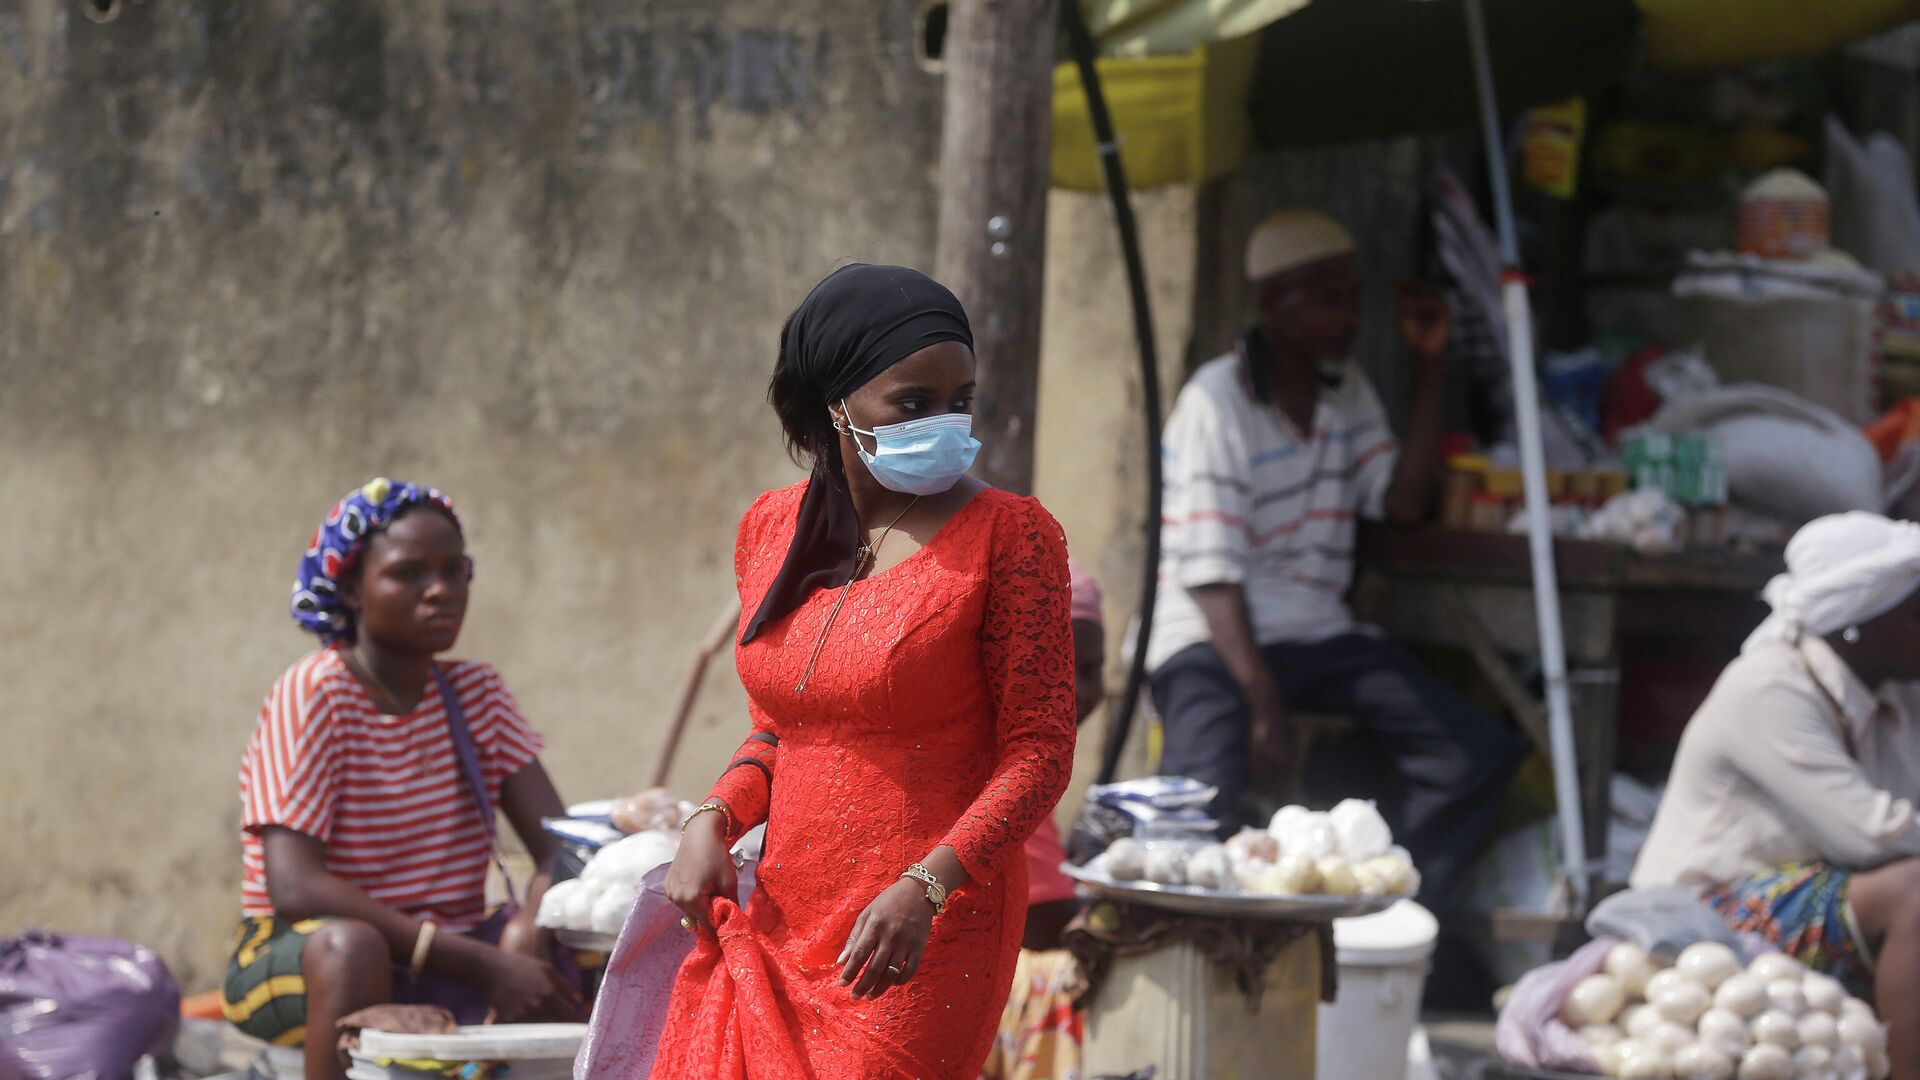 Женщина в медицинской маске на рынке в Лагосе, Нигерия - РИА Новости, 1920, 29.09.2021